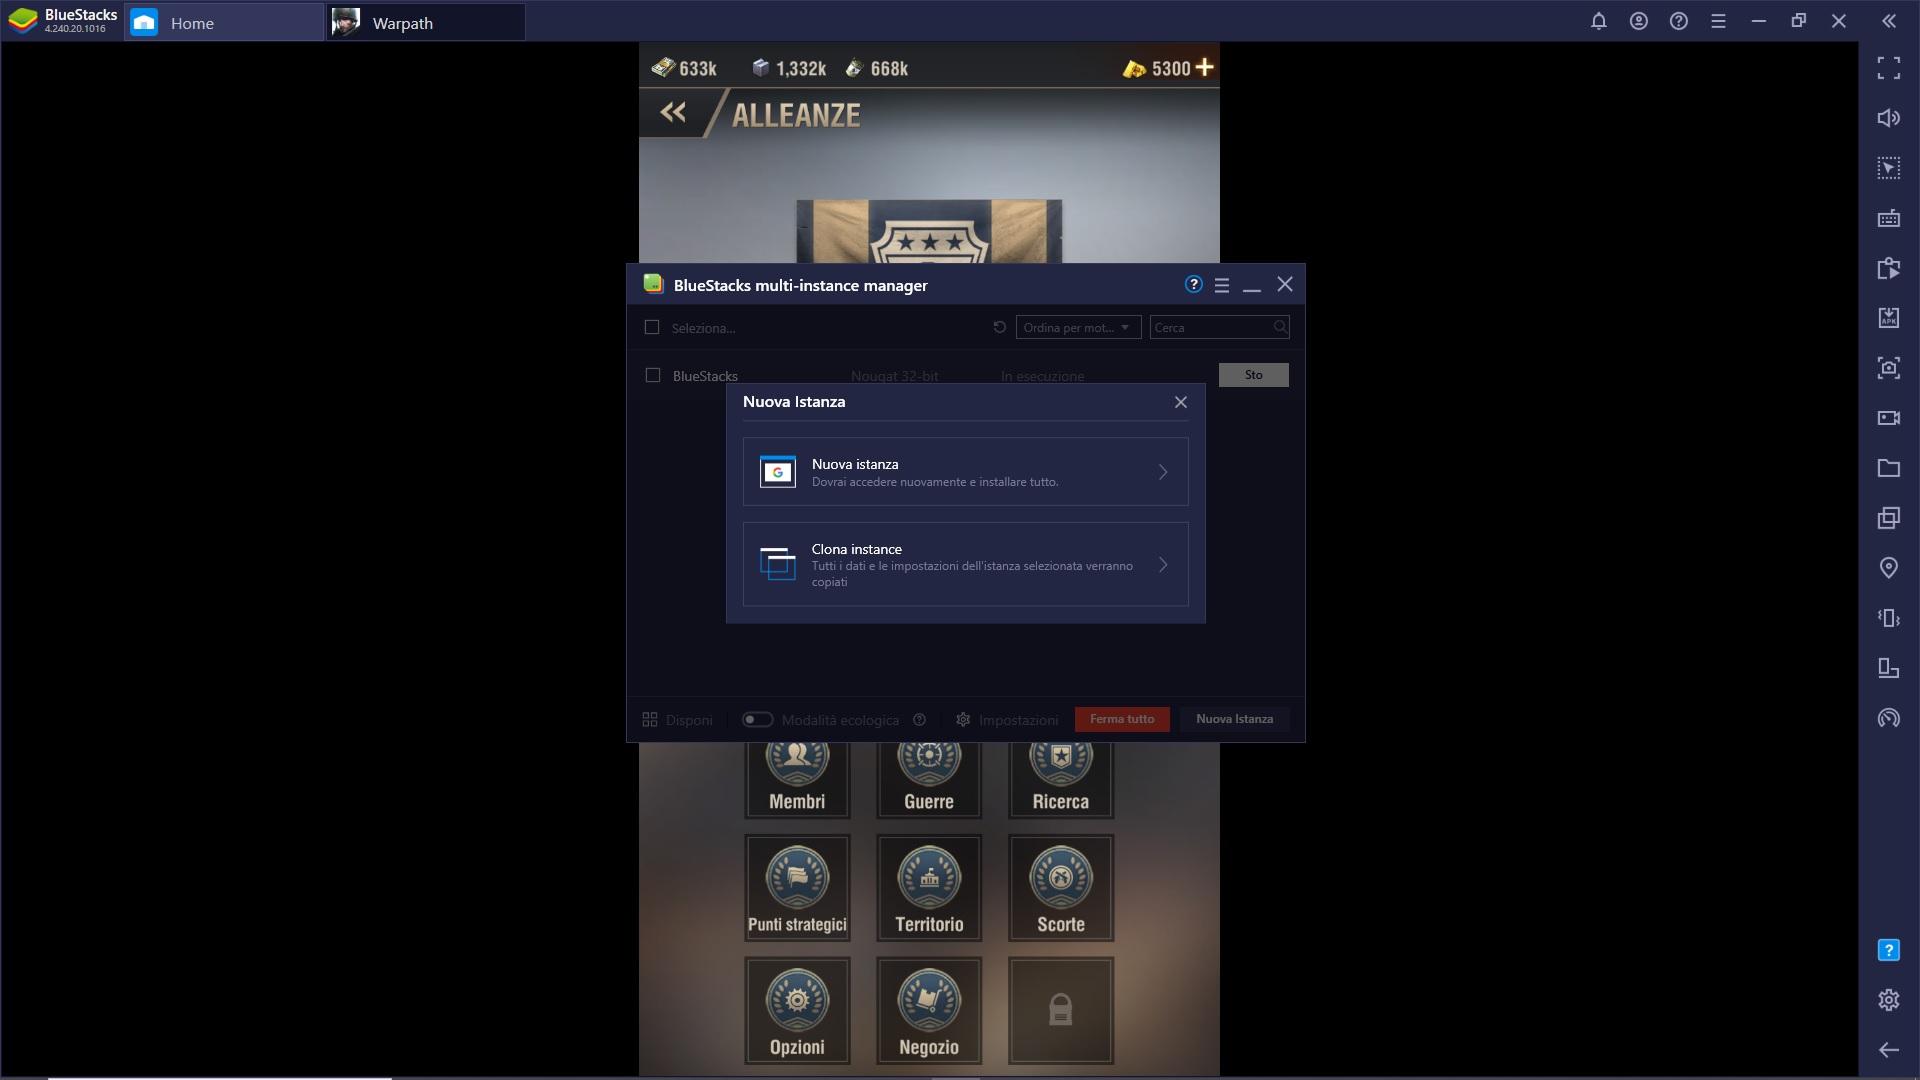 Migliora l'esperienza con Warpath grazie agli strumenti che offre BlueStacks